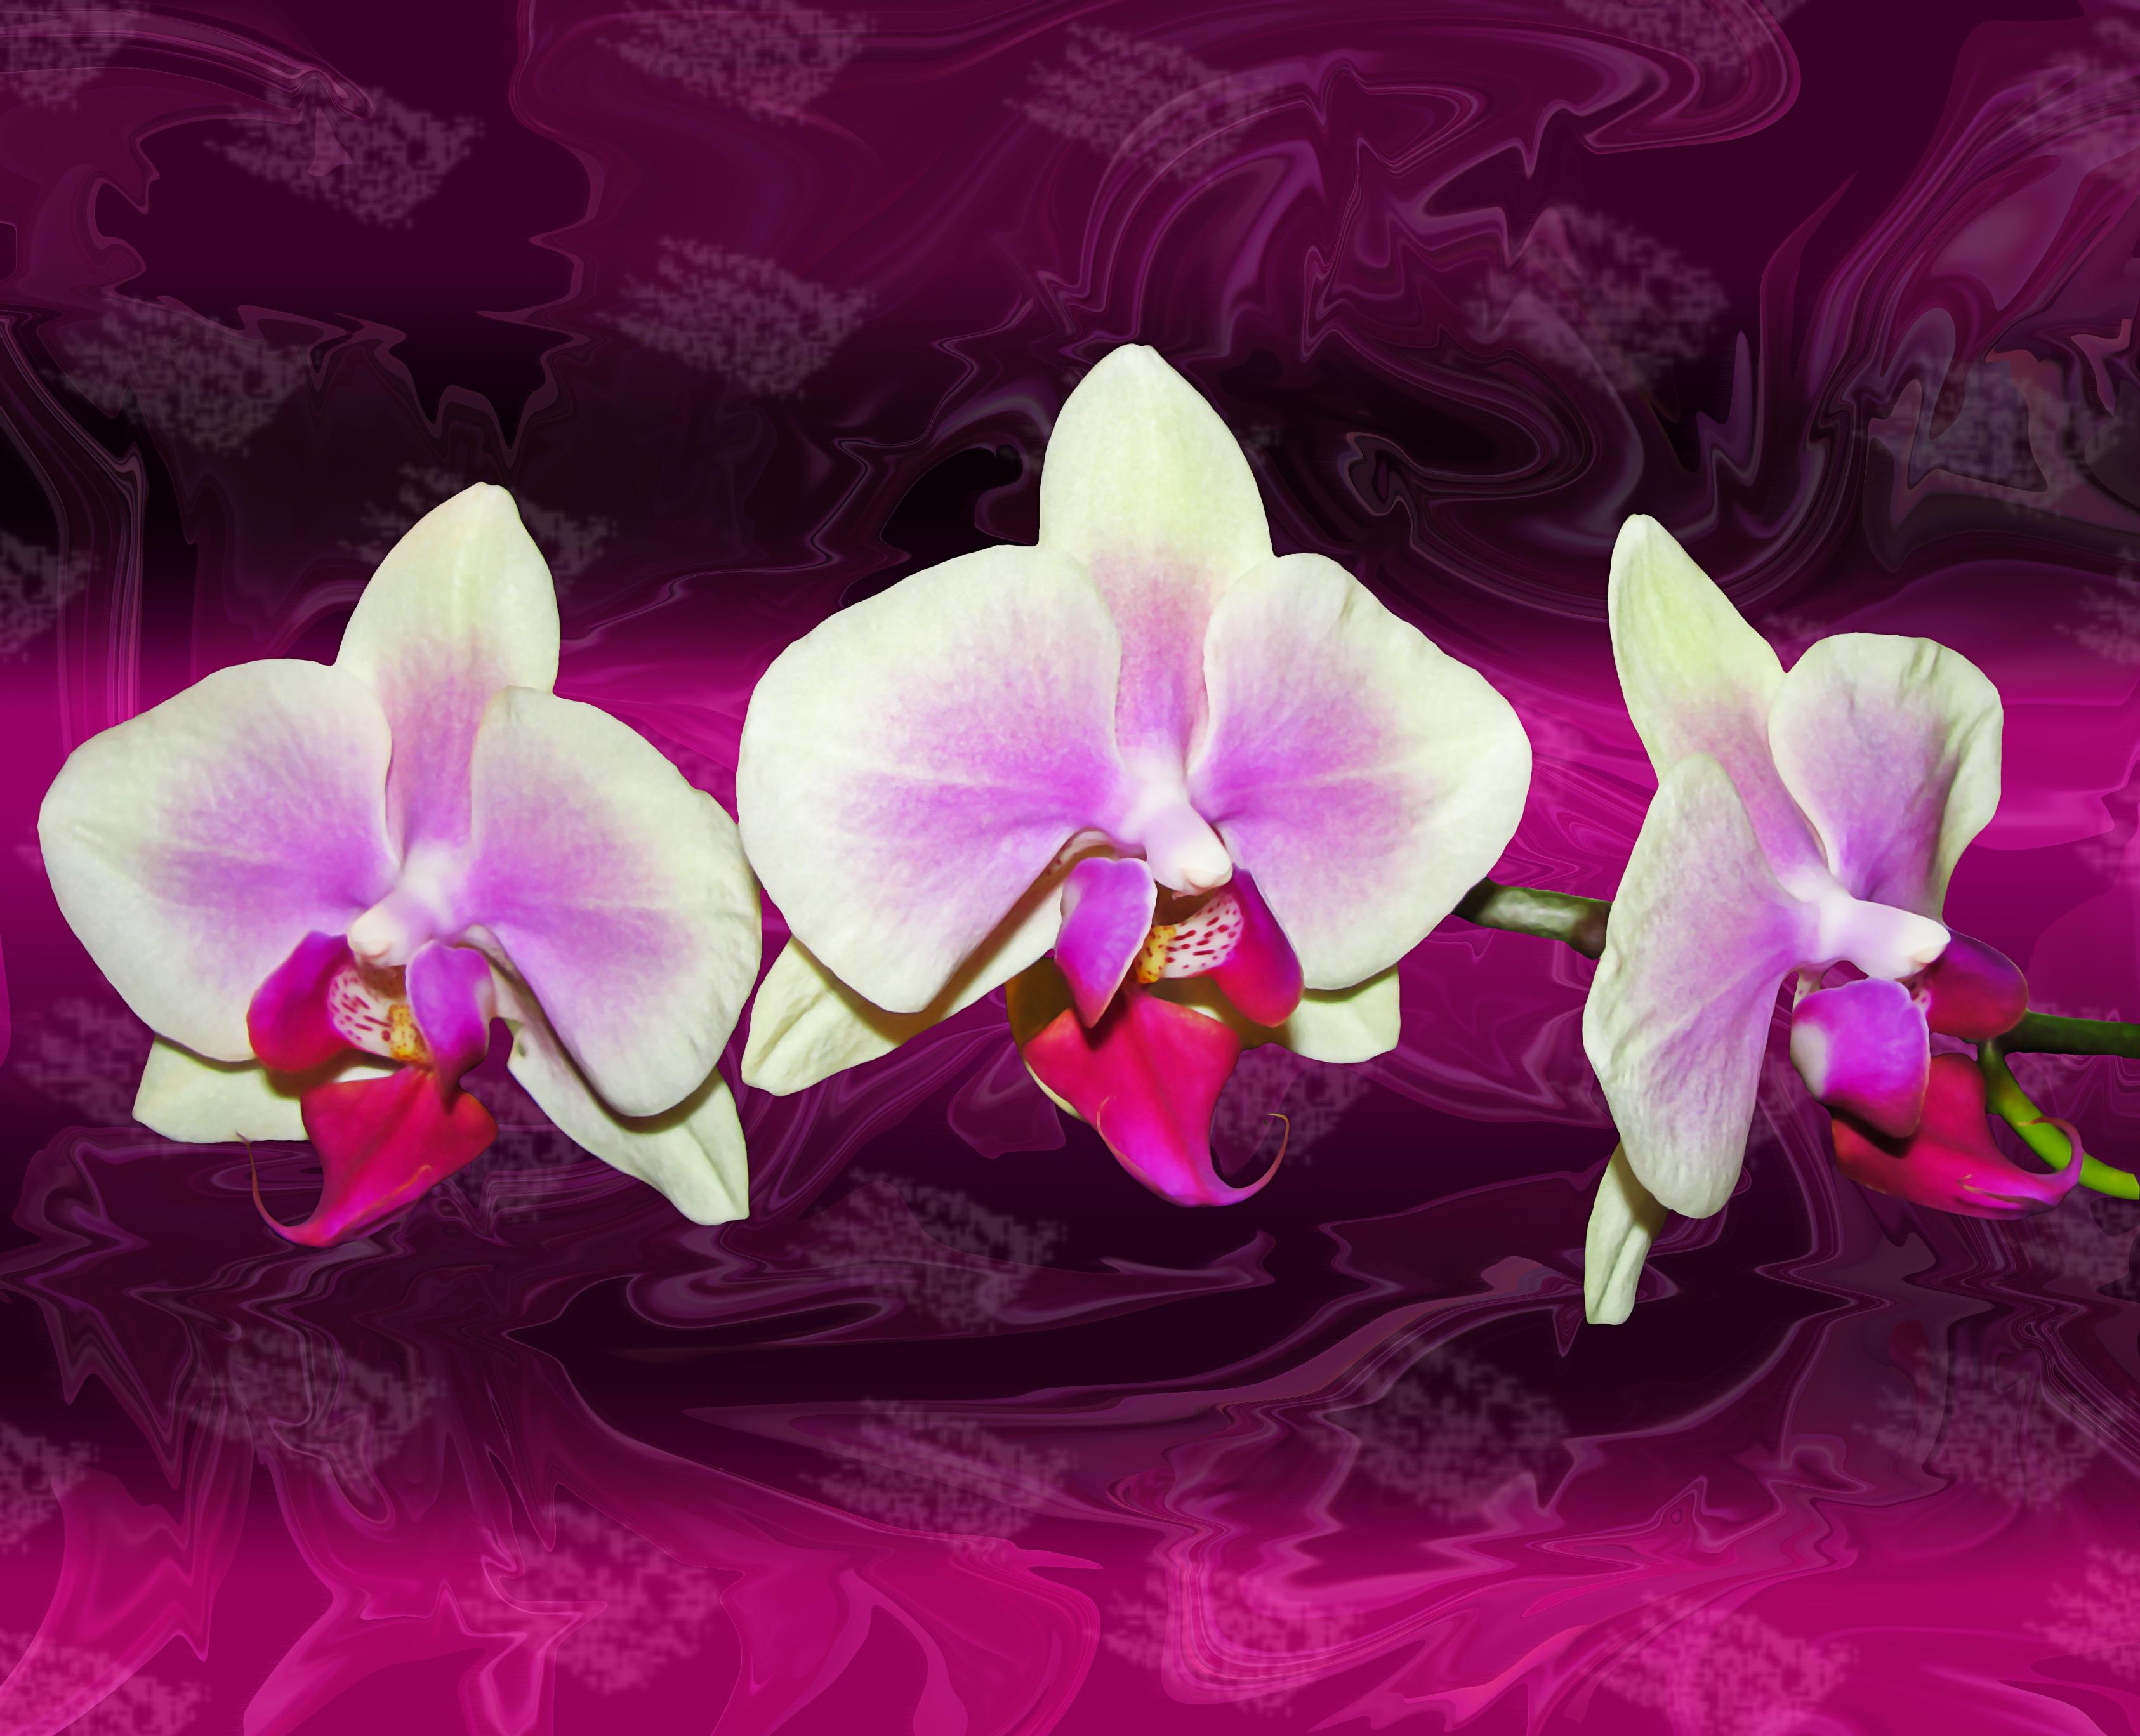 наверняка орхидея номер фотобанках жилье помощью агентства